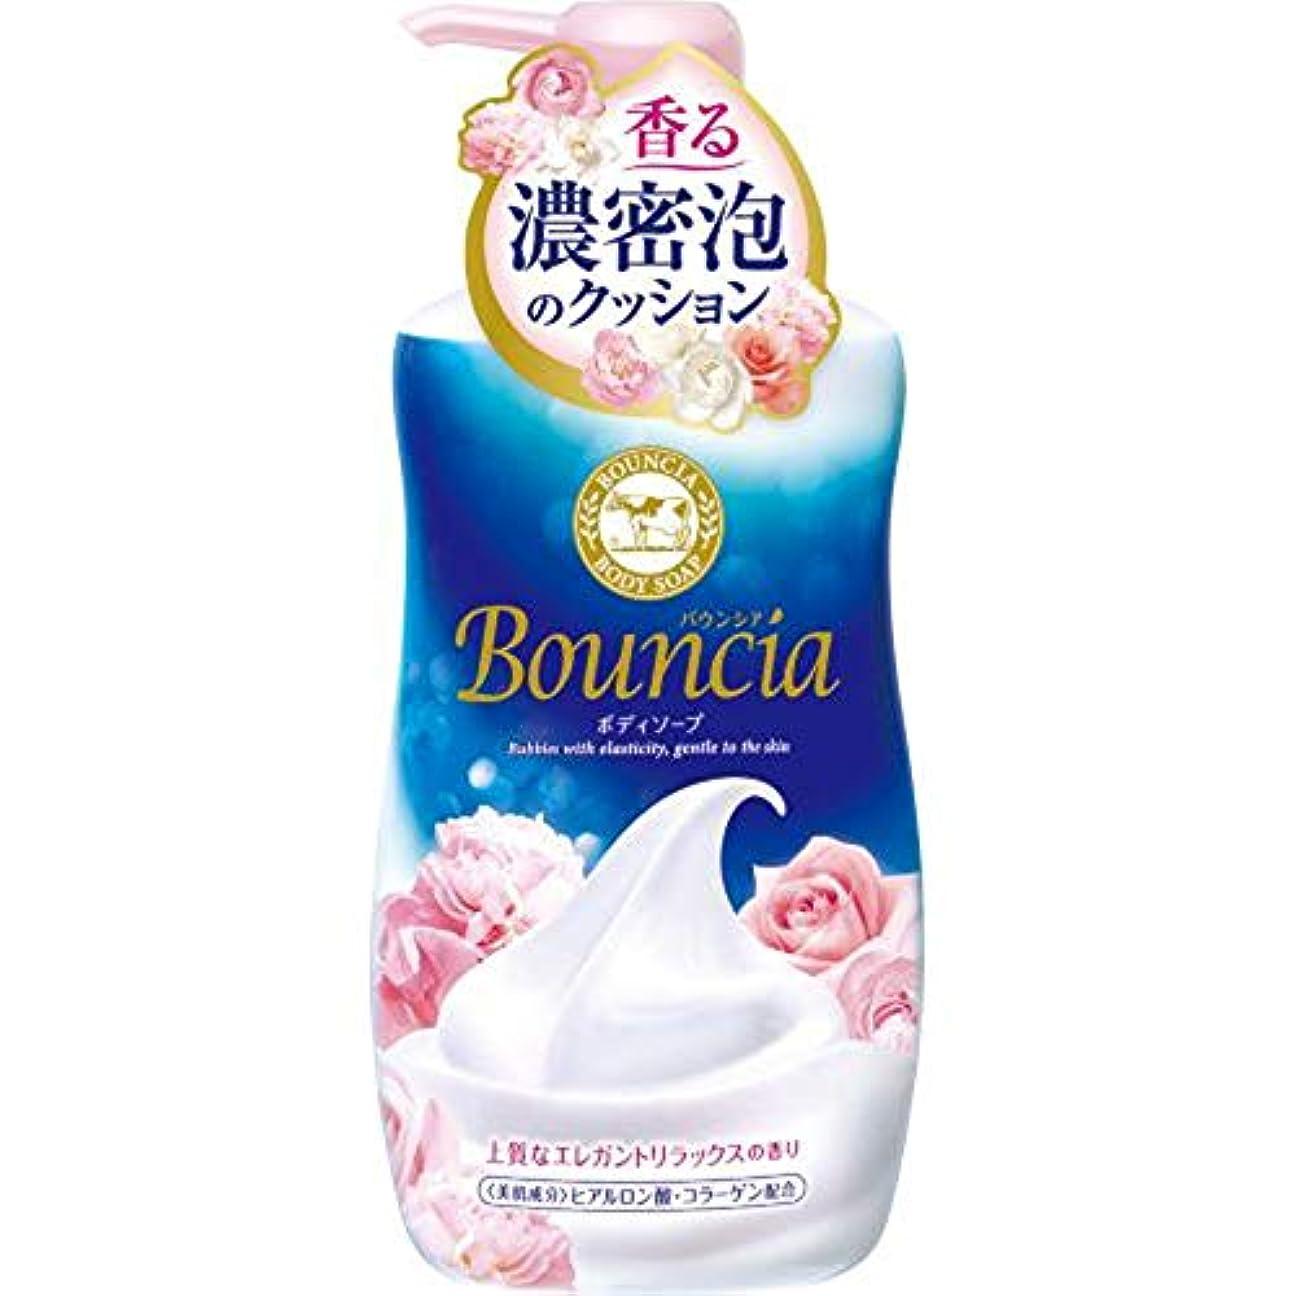 国勢調査批判ほのかバウンシア ボディソープ エレガントリラックスの香り ポンプ 550mL